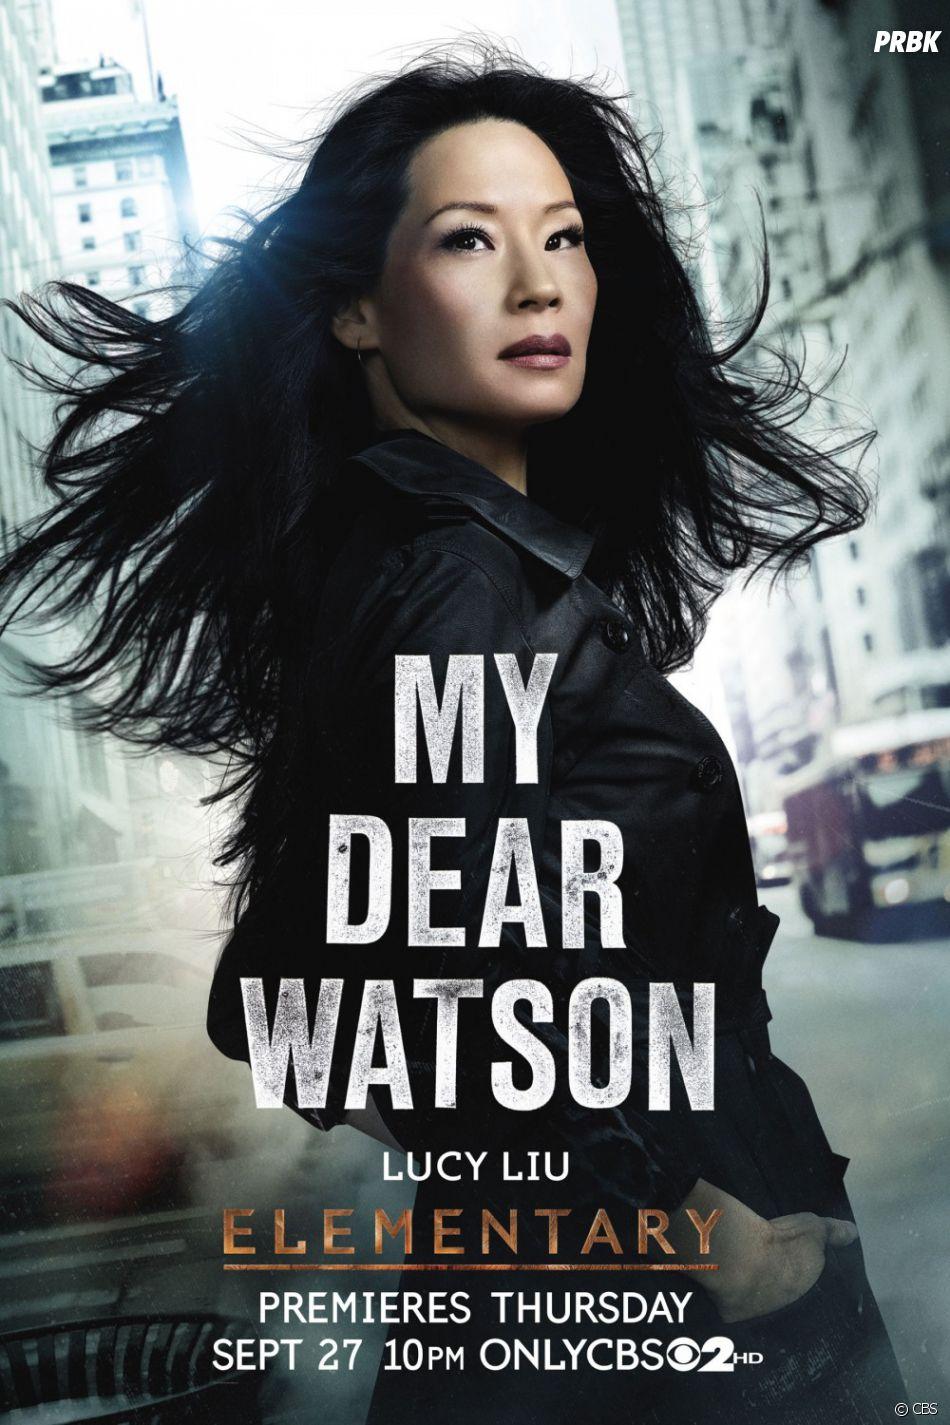 Ici, le Dr Watson est incarnée par Lucy Liu